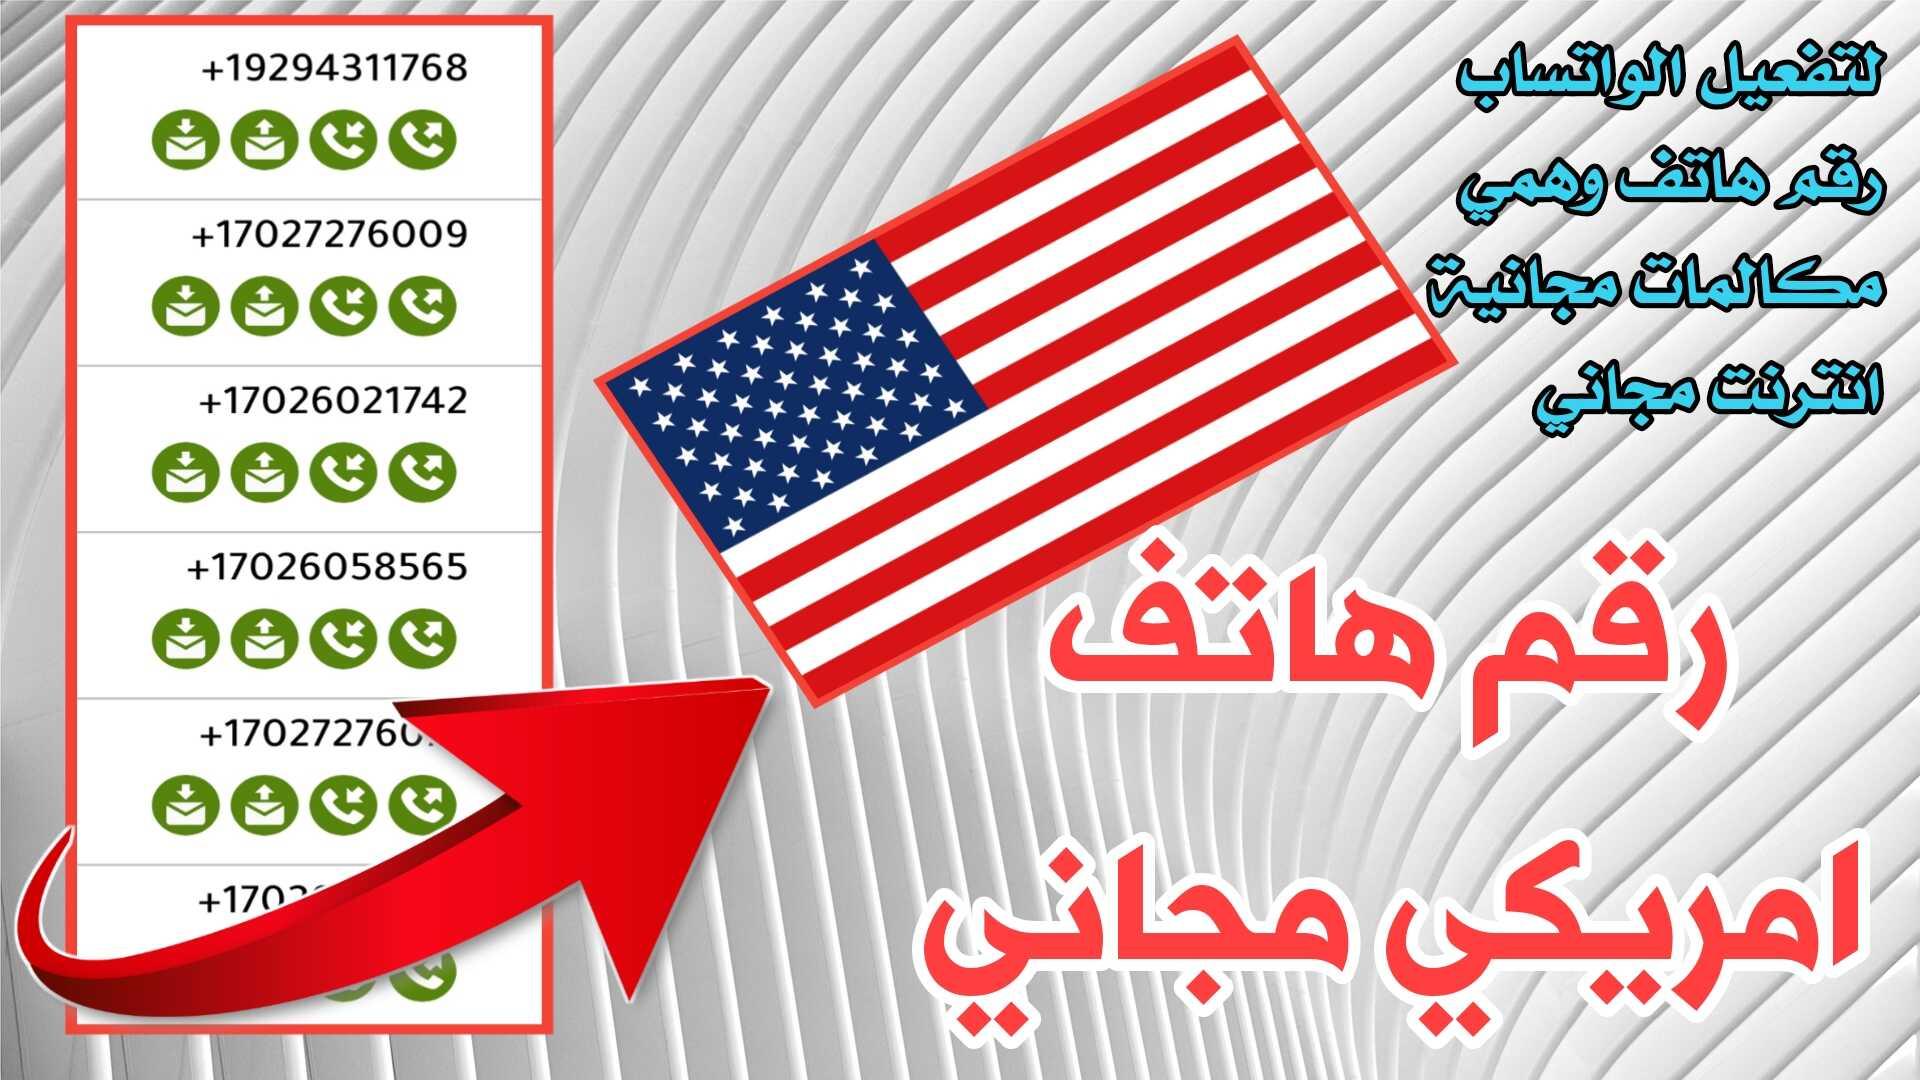 رقم هاتف امريكي مجاني لتفعيل الواتساب والفيسبوك وكل المواقع التواصل الأجتماعي